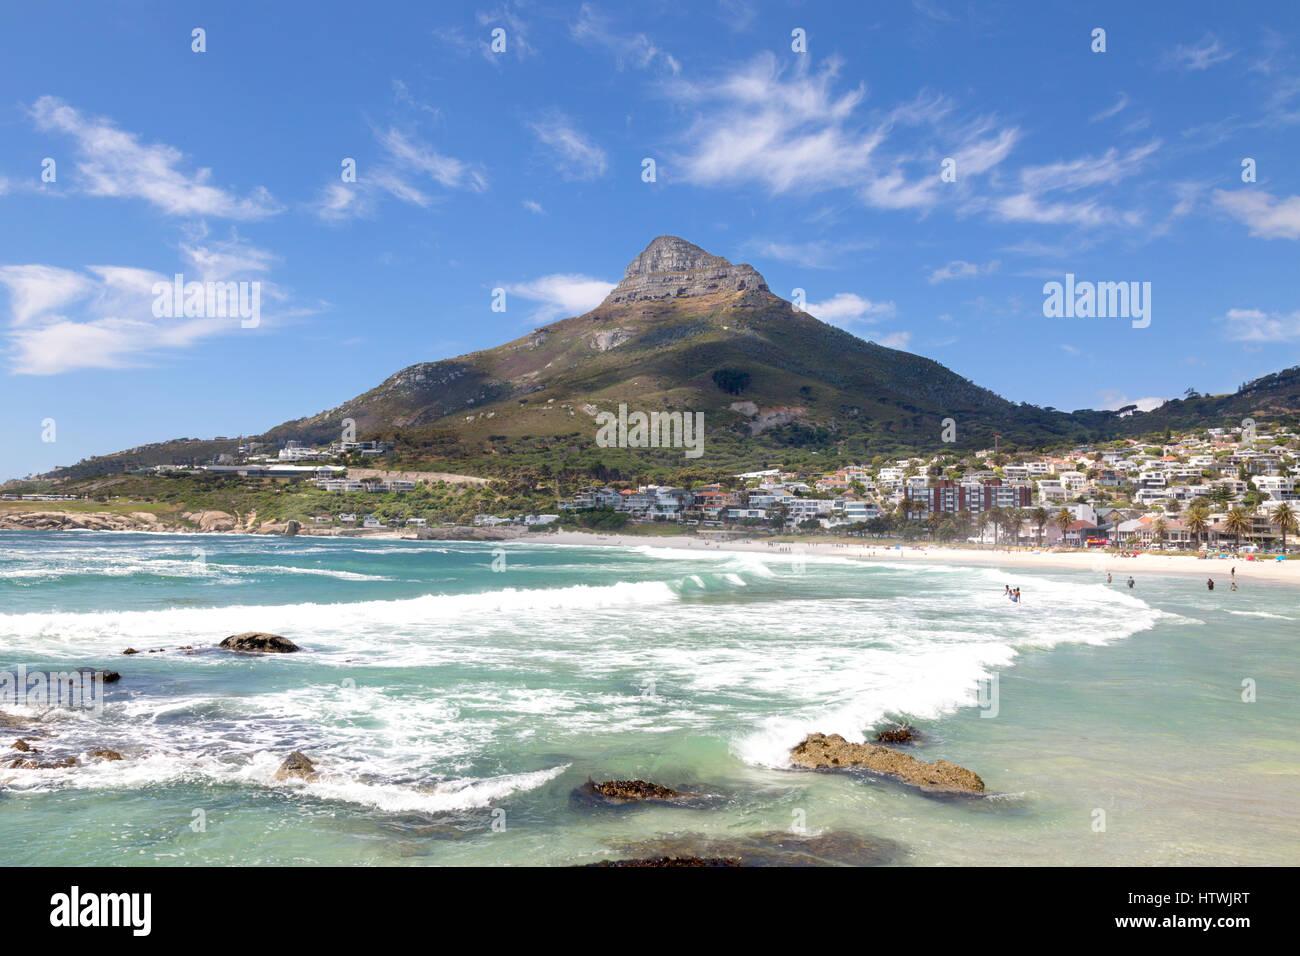 La plage de Camps Bay Cape Town Afrique du Sud - avec les Lions Head mountain, Afrique du Sud Photo Stock